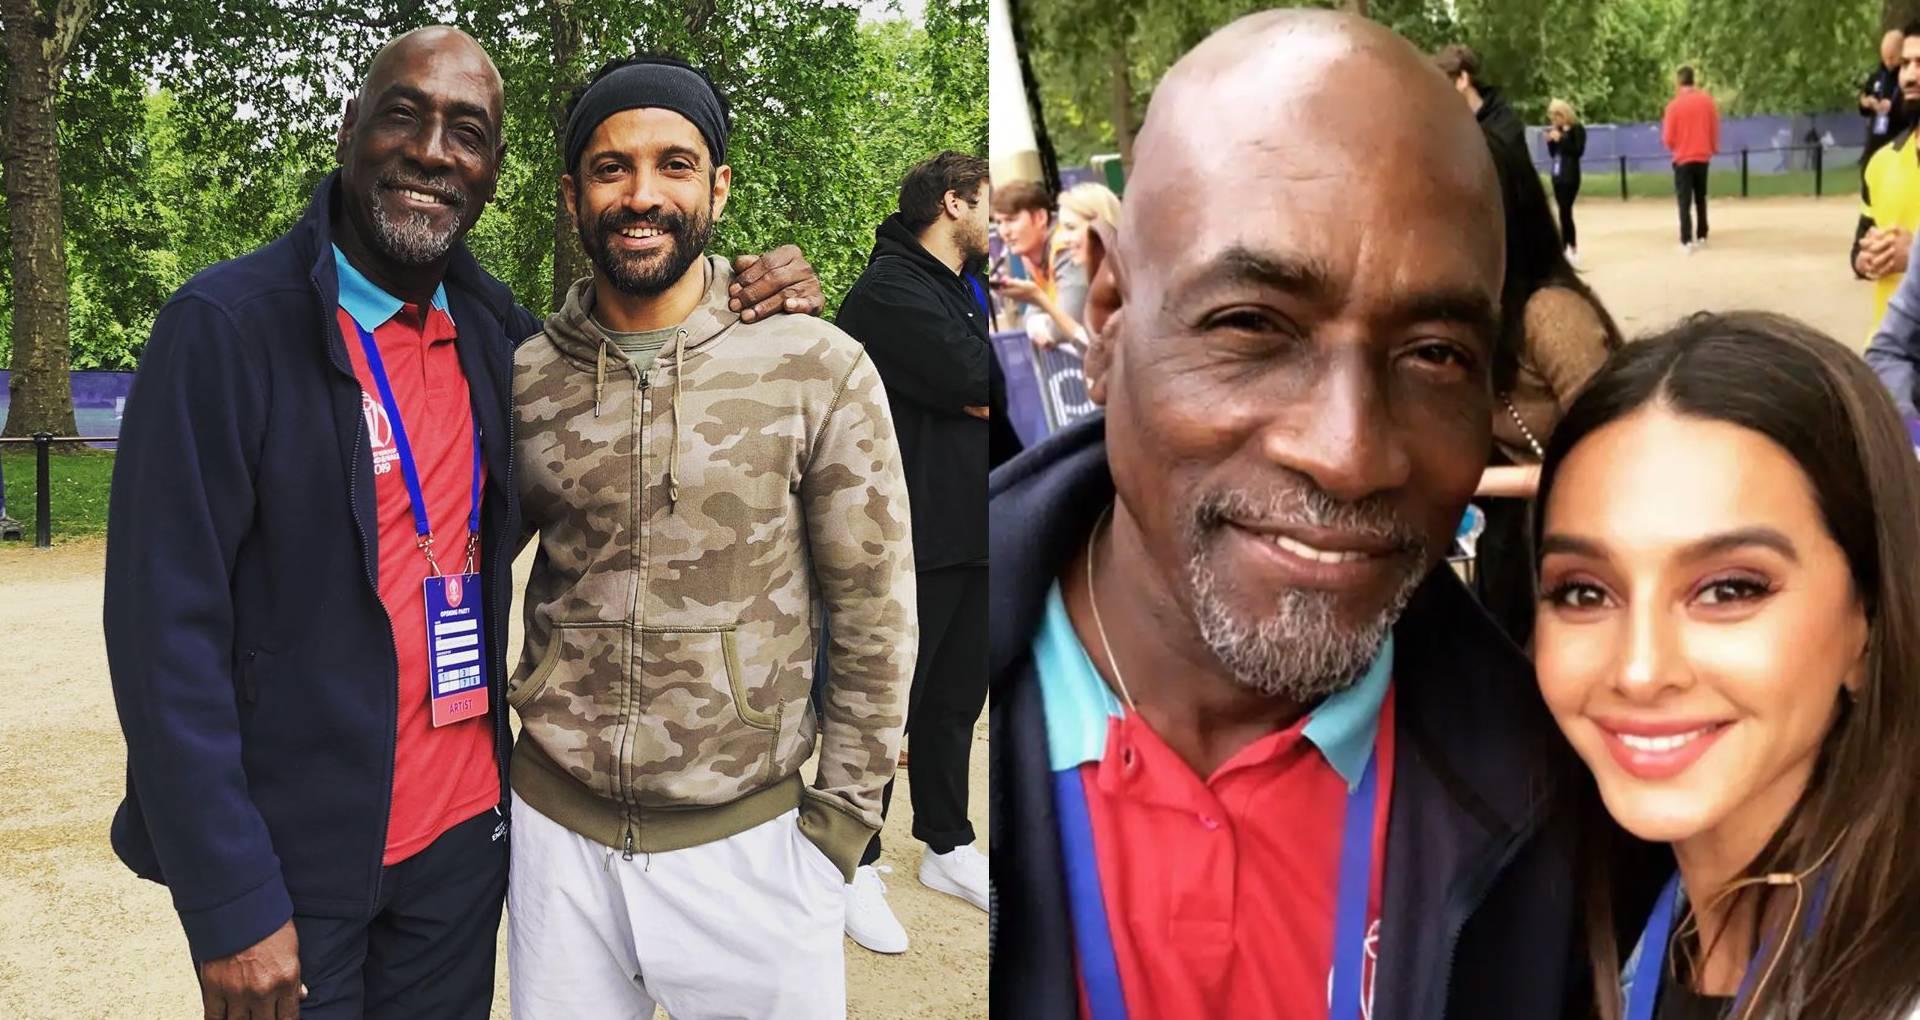 World Cup की ओपनिंग सेरेमनी में शामिल हुए फरहान अख्तर-शिवानी दांडेकर, विवियन रिचर्ड्स के साथ करते दिखे मस्ती